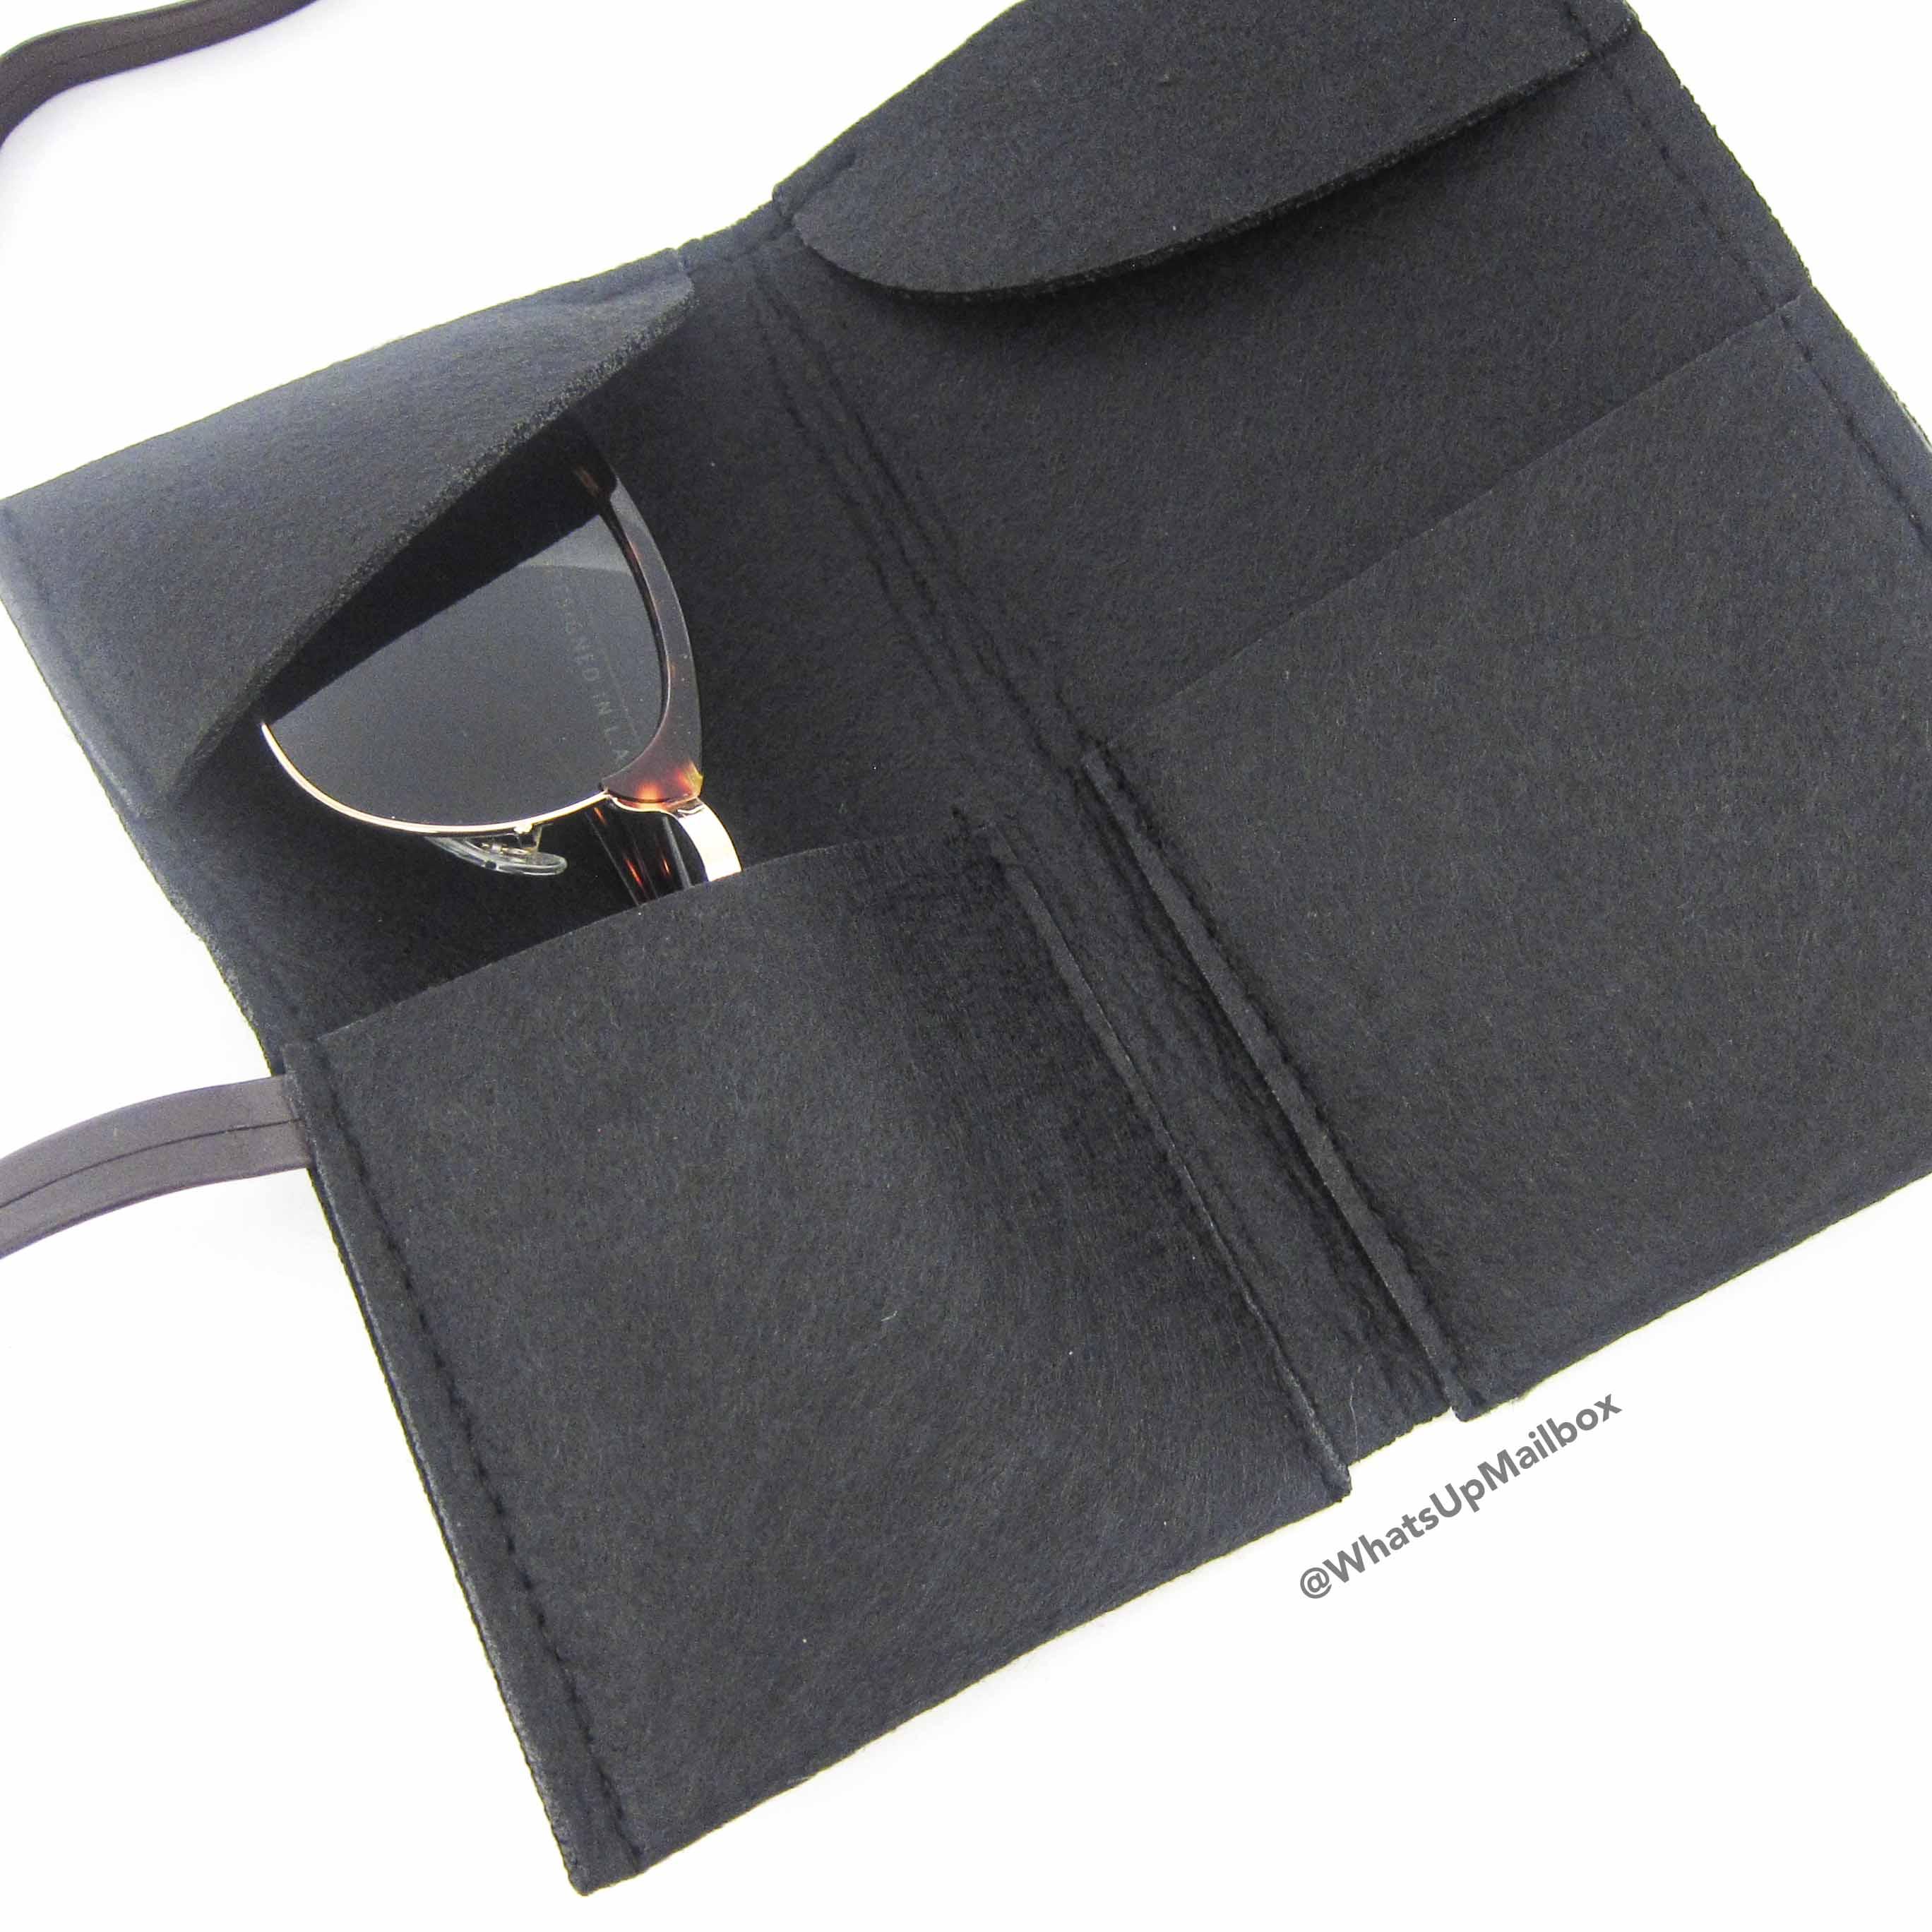 MRKT Sunglasses Case